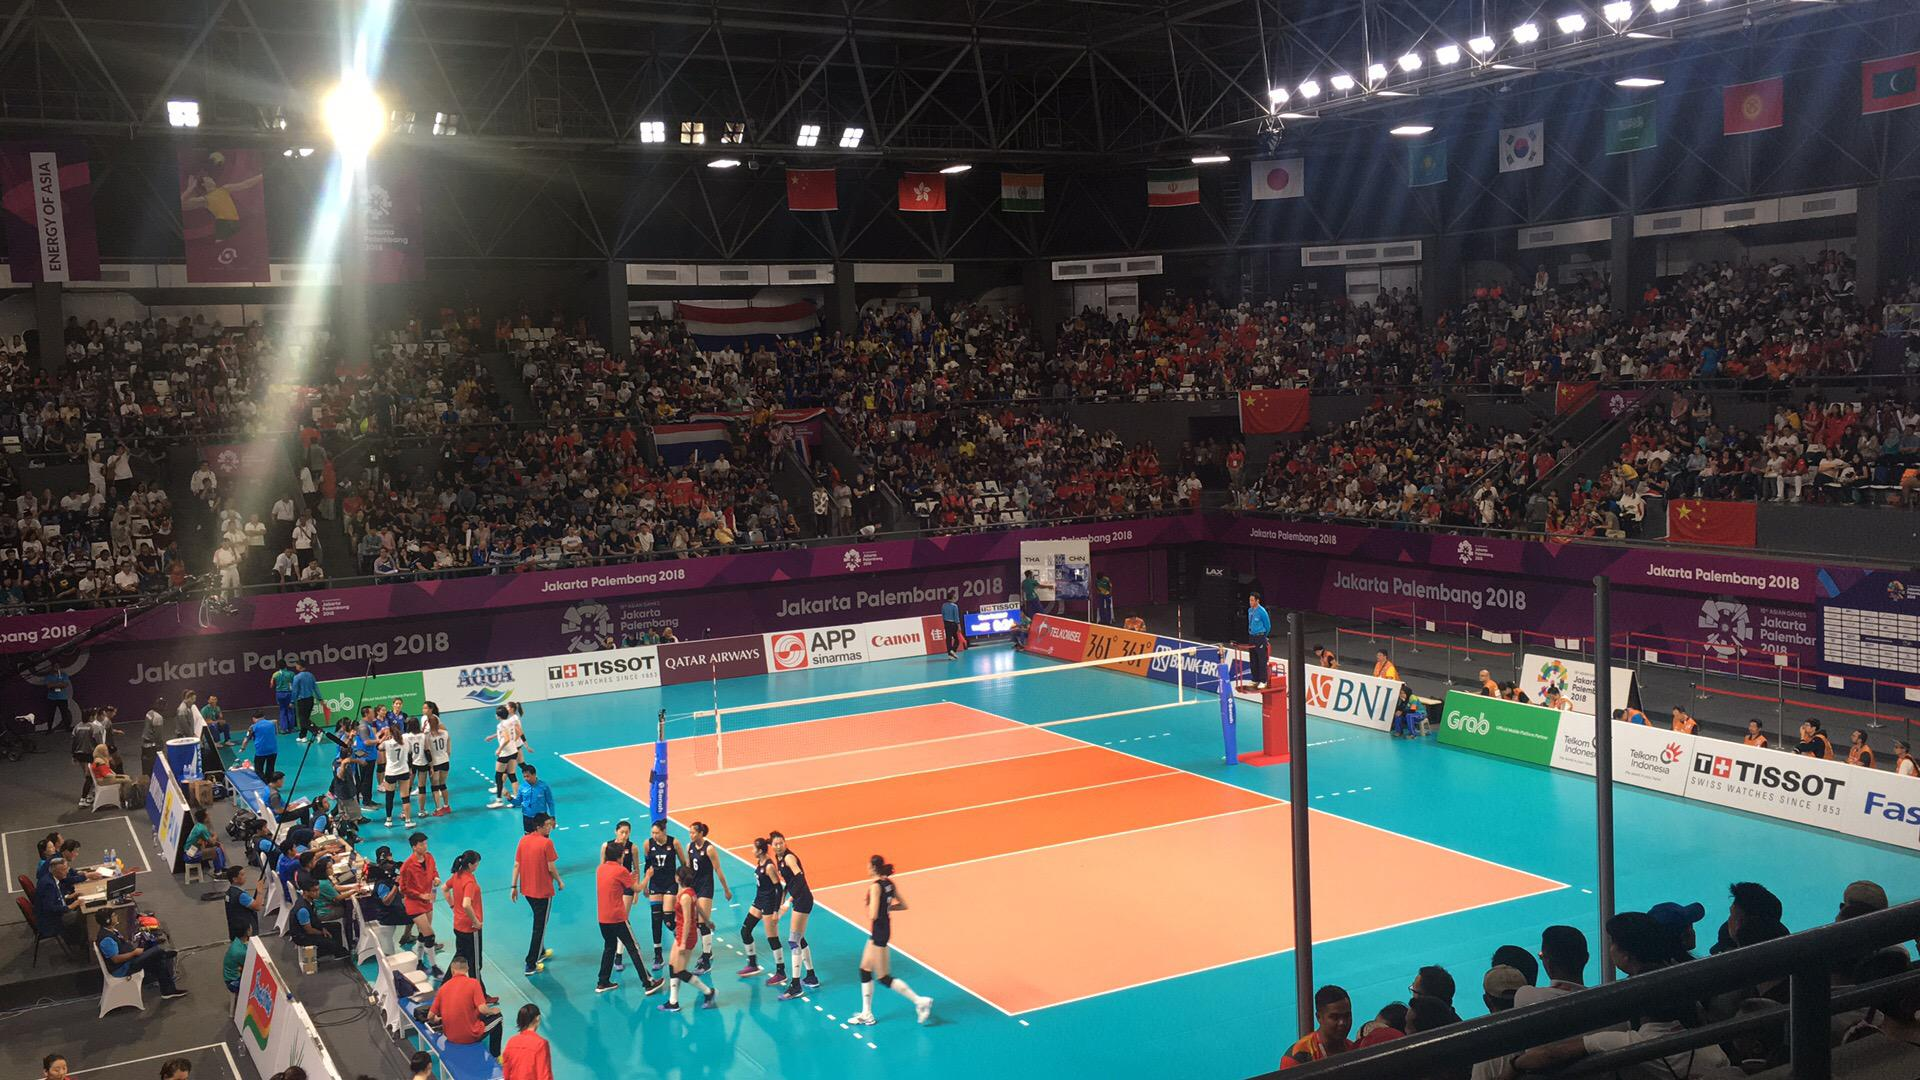 朱婷26分中国女排3-0泰国 重登亚洲之巅第8次夺冠